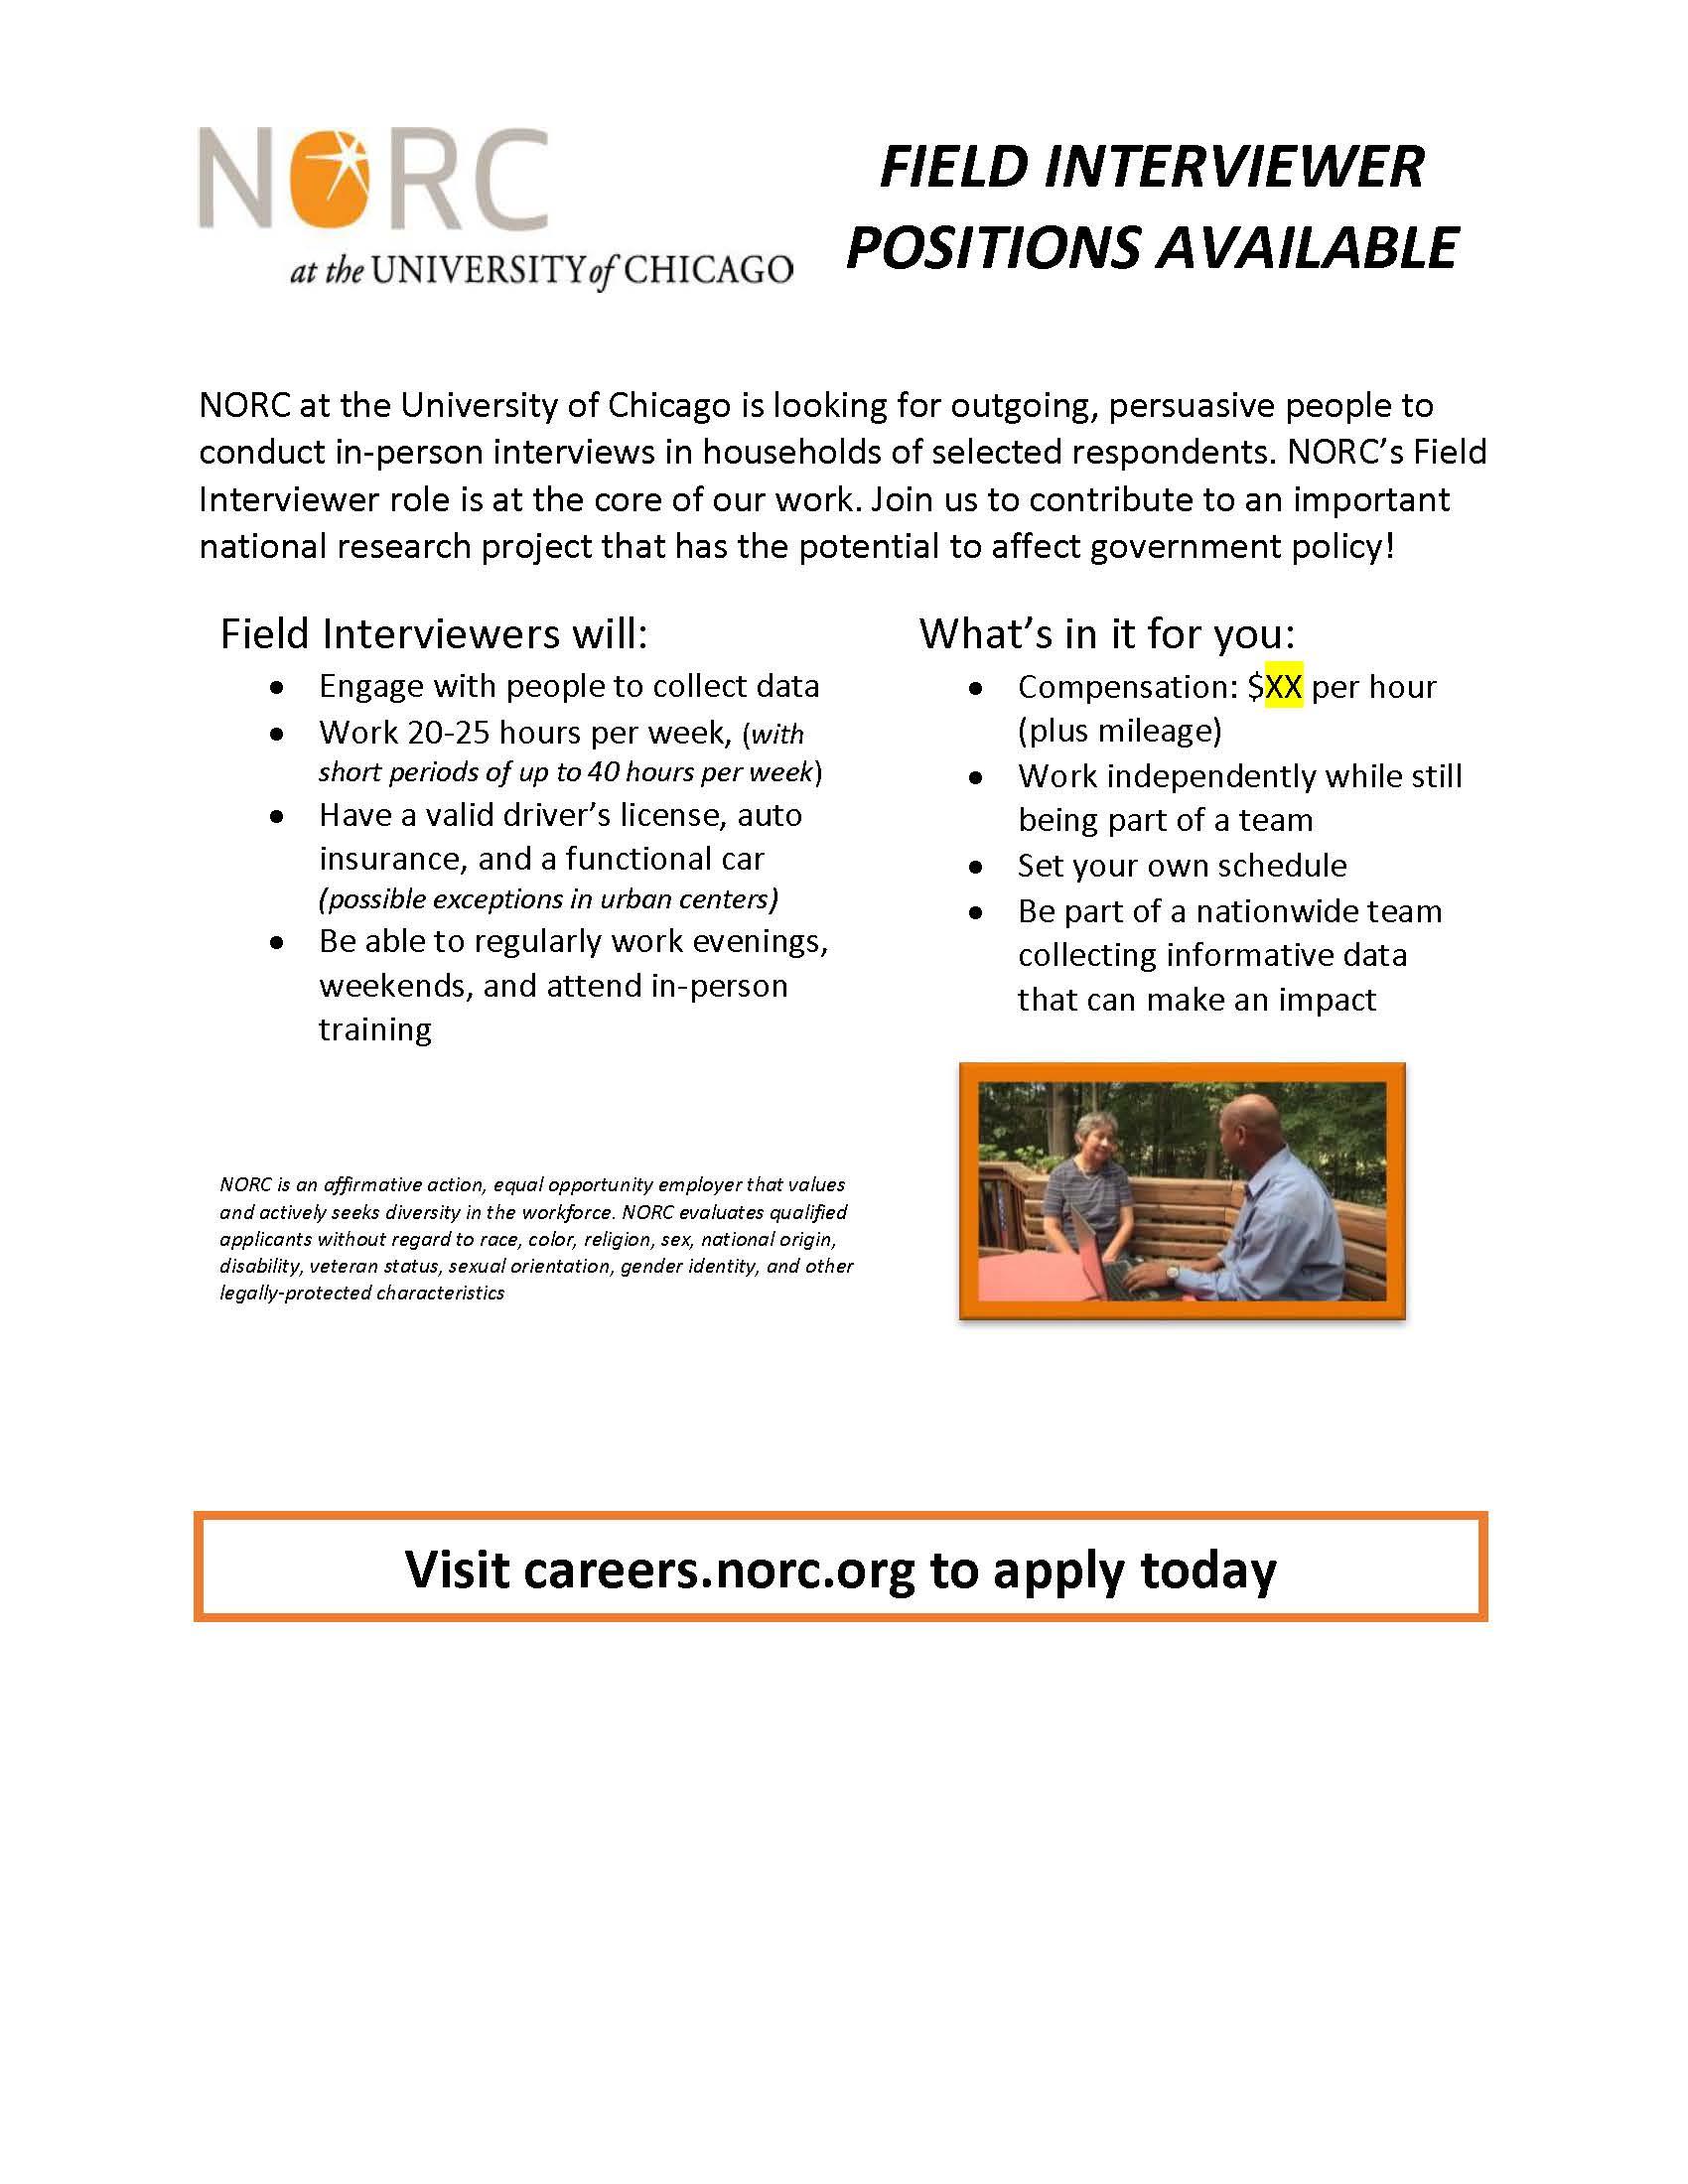 Jobs/Volunteering About